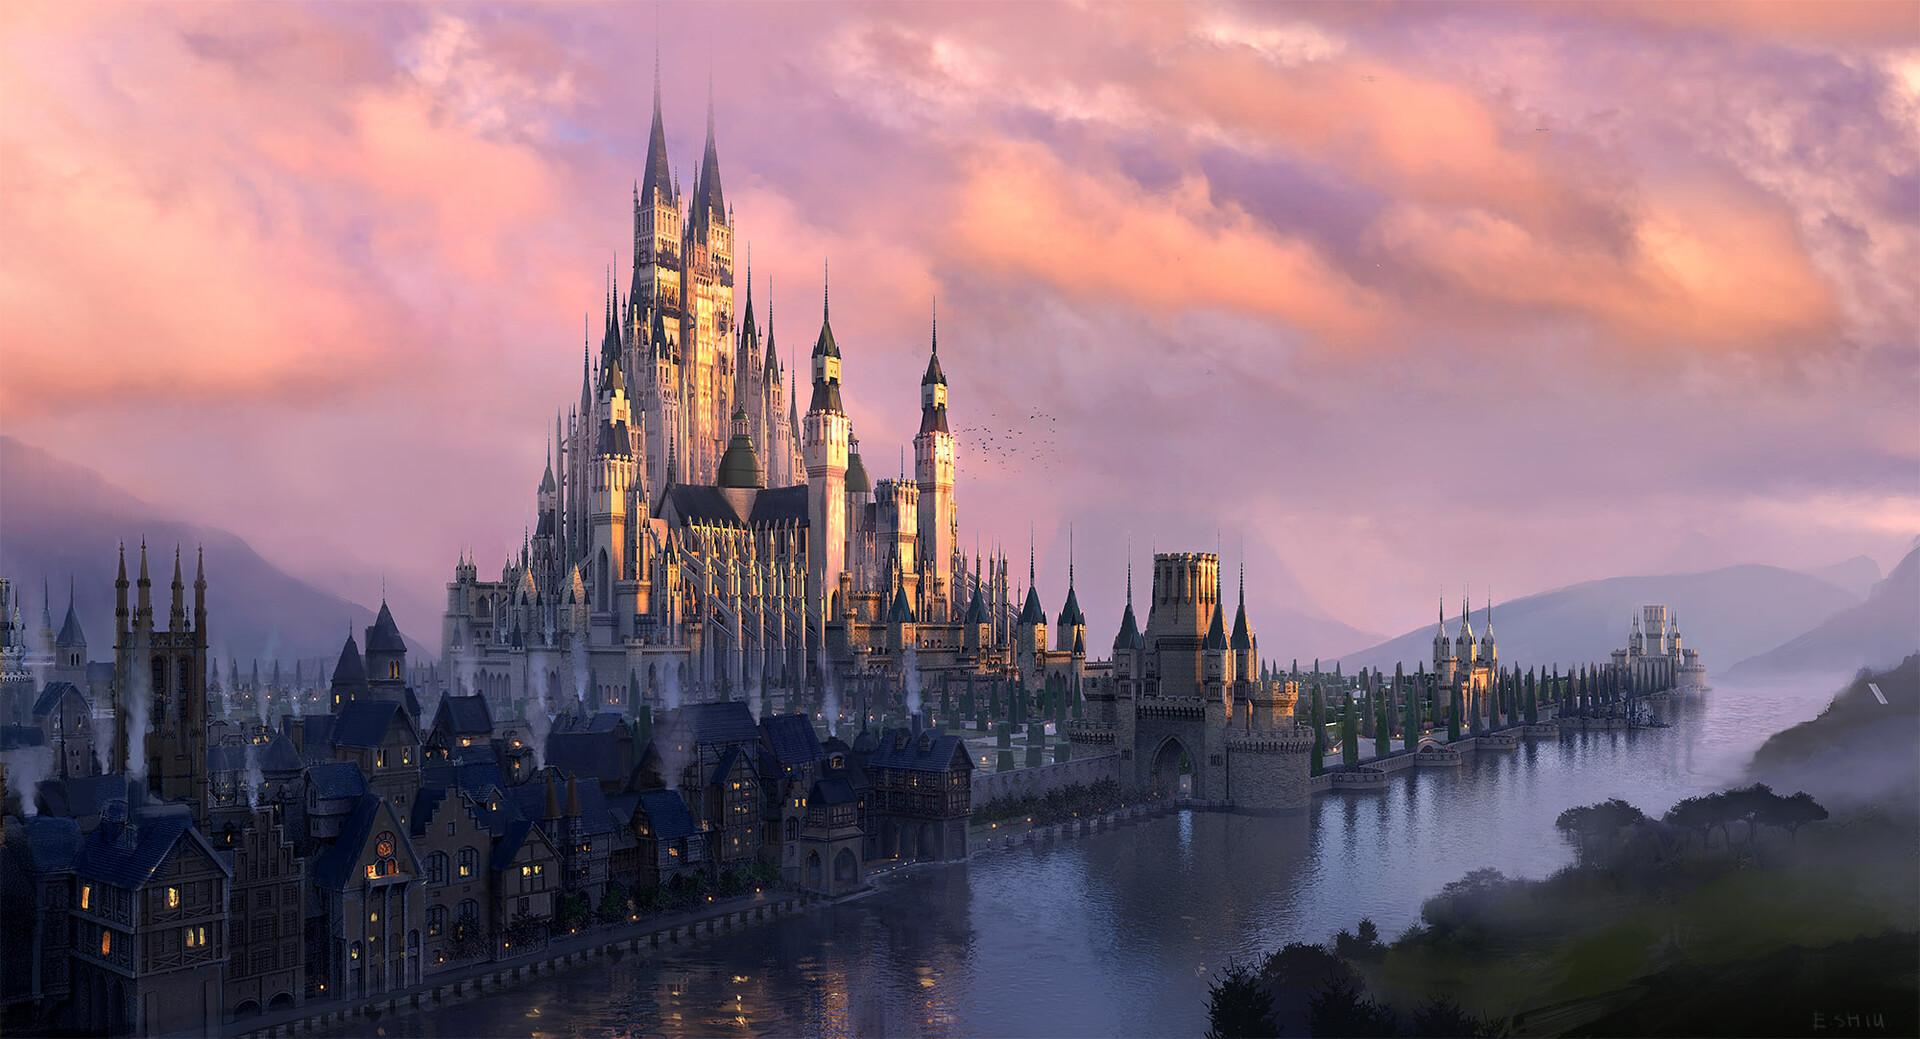 Maléfique : Le Pouvoir du Mal [Disney - 2019] - Page 13 Emmanuel-shiu-eshiu-m21-castle